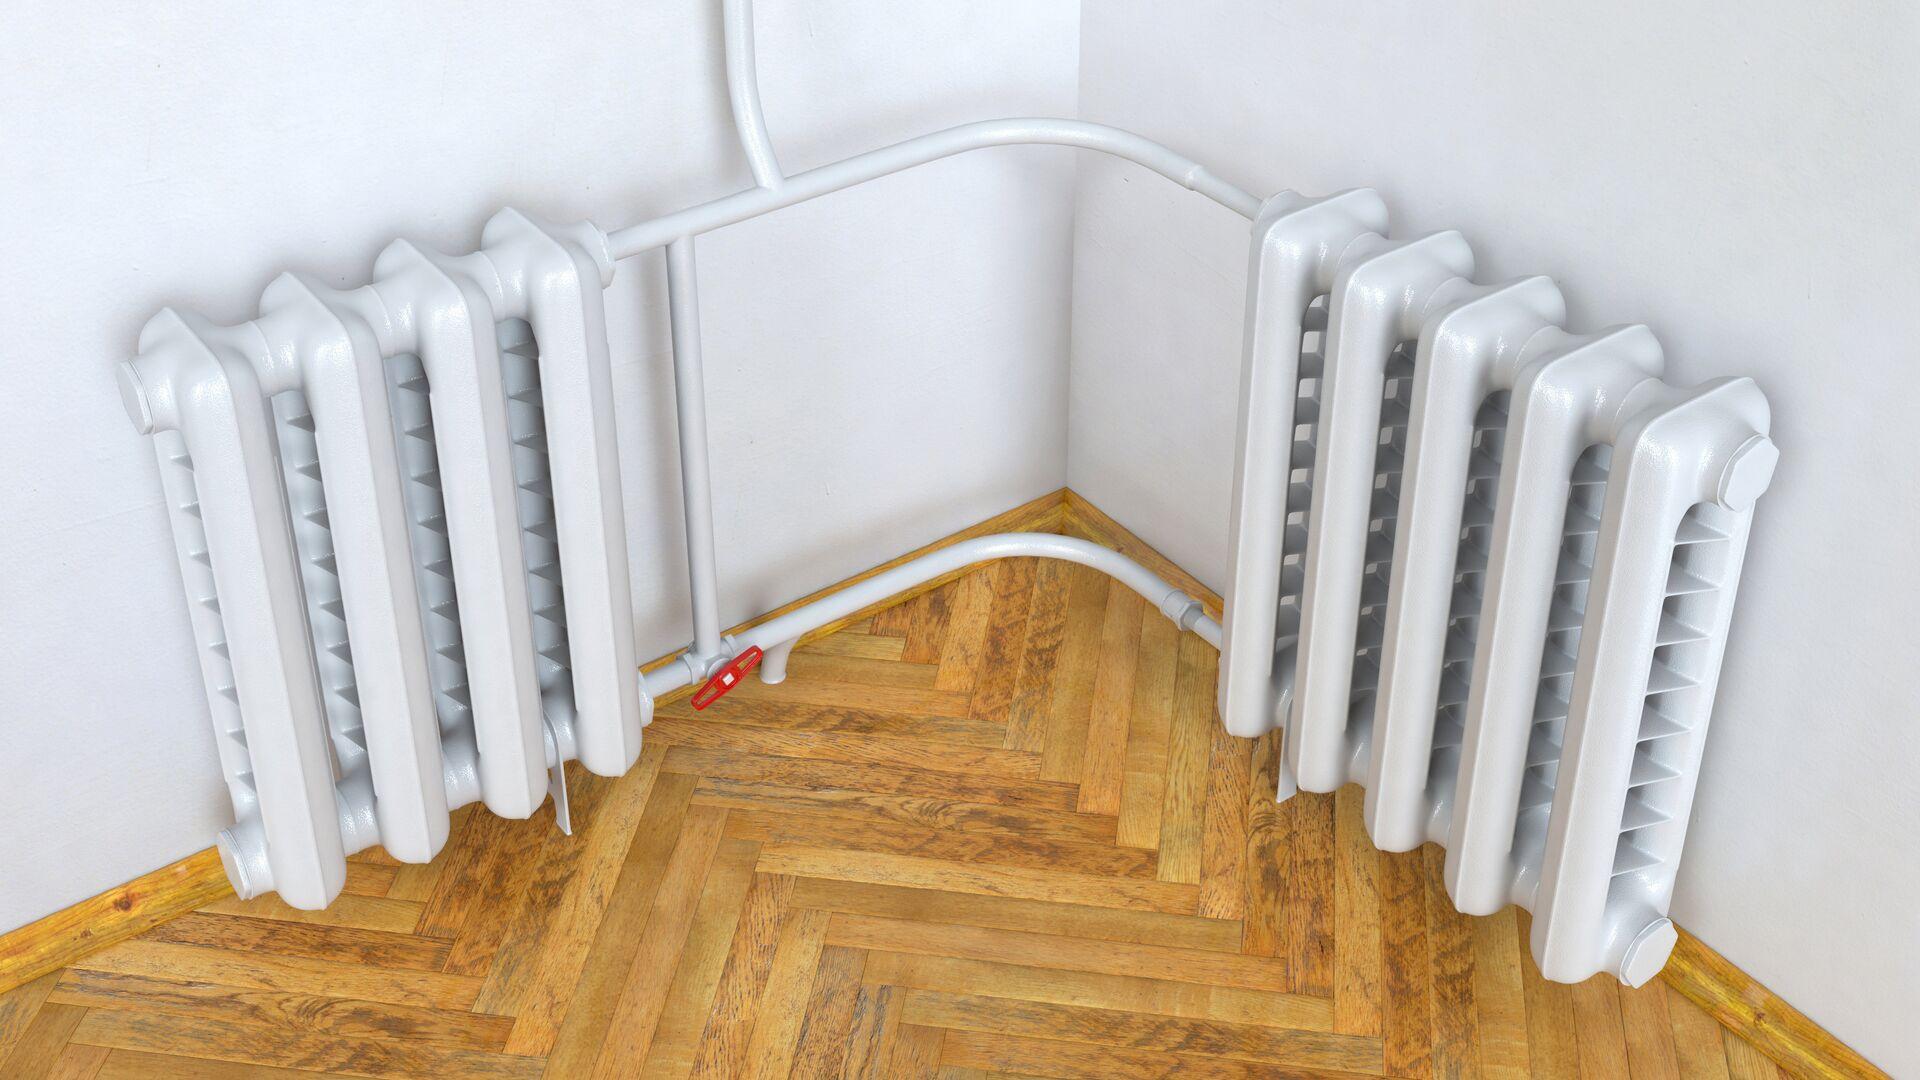 Радиатор отопления в квартире - РИА Новости, 1920, 15.09.2021